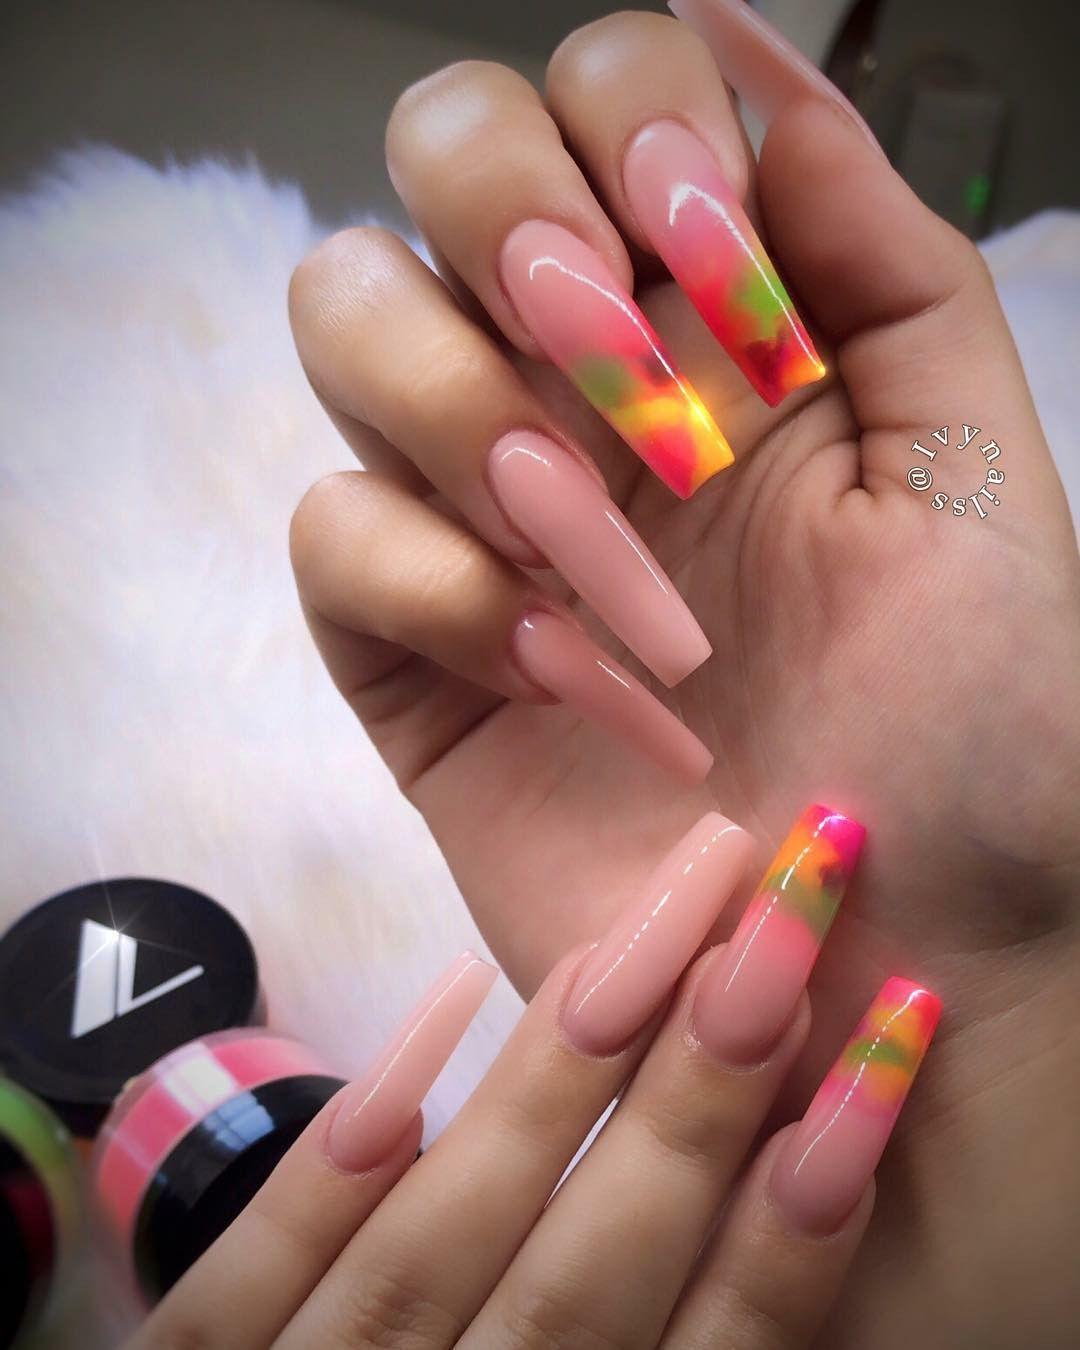 Pin By Kiya James On Nails Fashion Nails Nail Designs Cute Nails